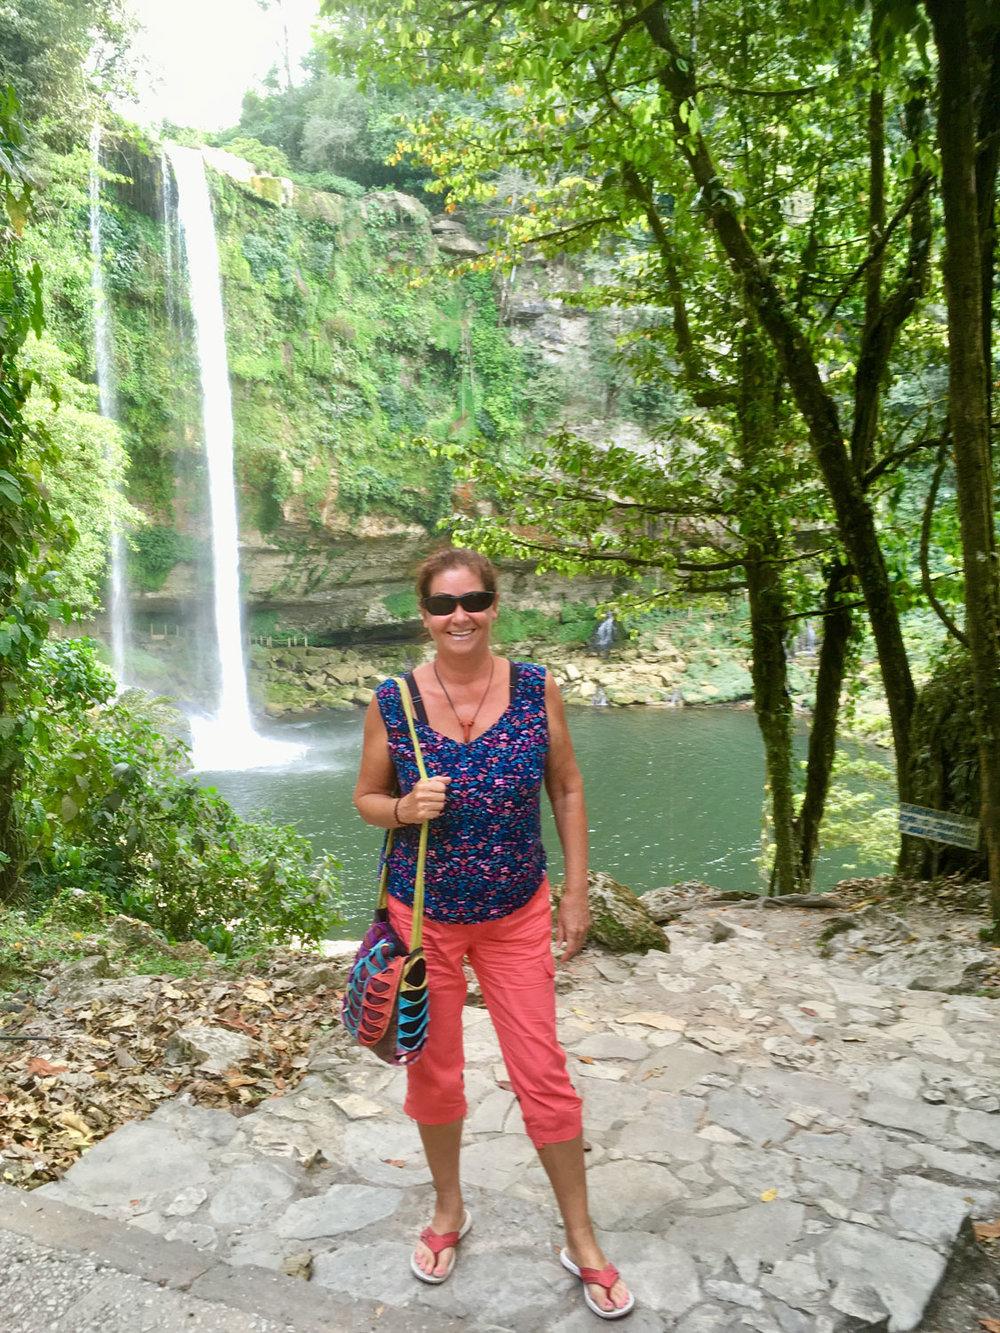 Hammocks_and_Ruins_Riviera_Maya_Mexico_What_to_Do_Lakes_Rivers_Chiapas_Palenque_Misol_Ha_Waterfalls_3.jpg